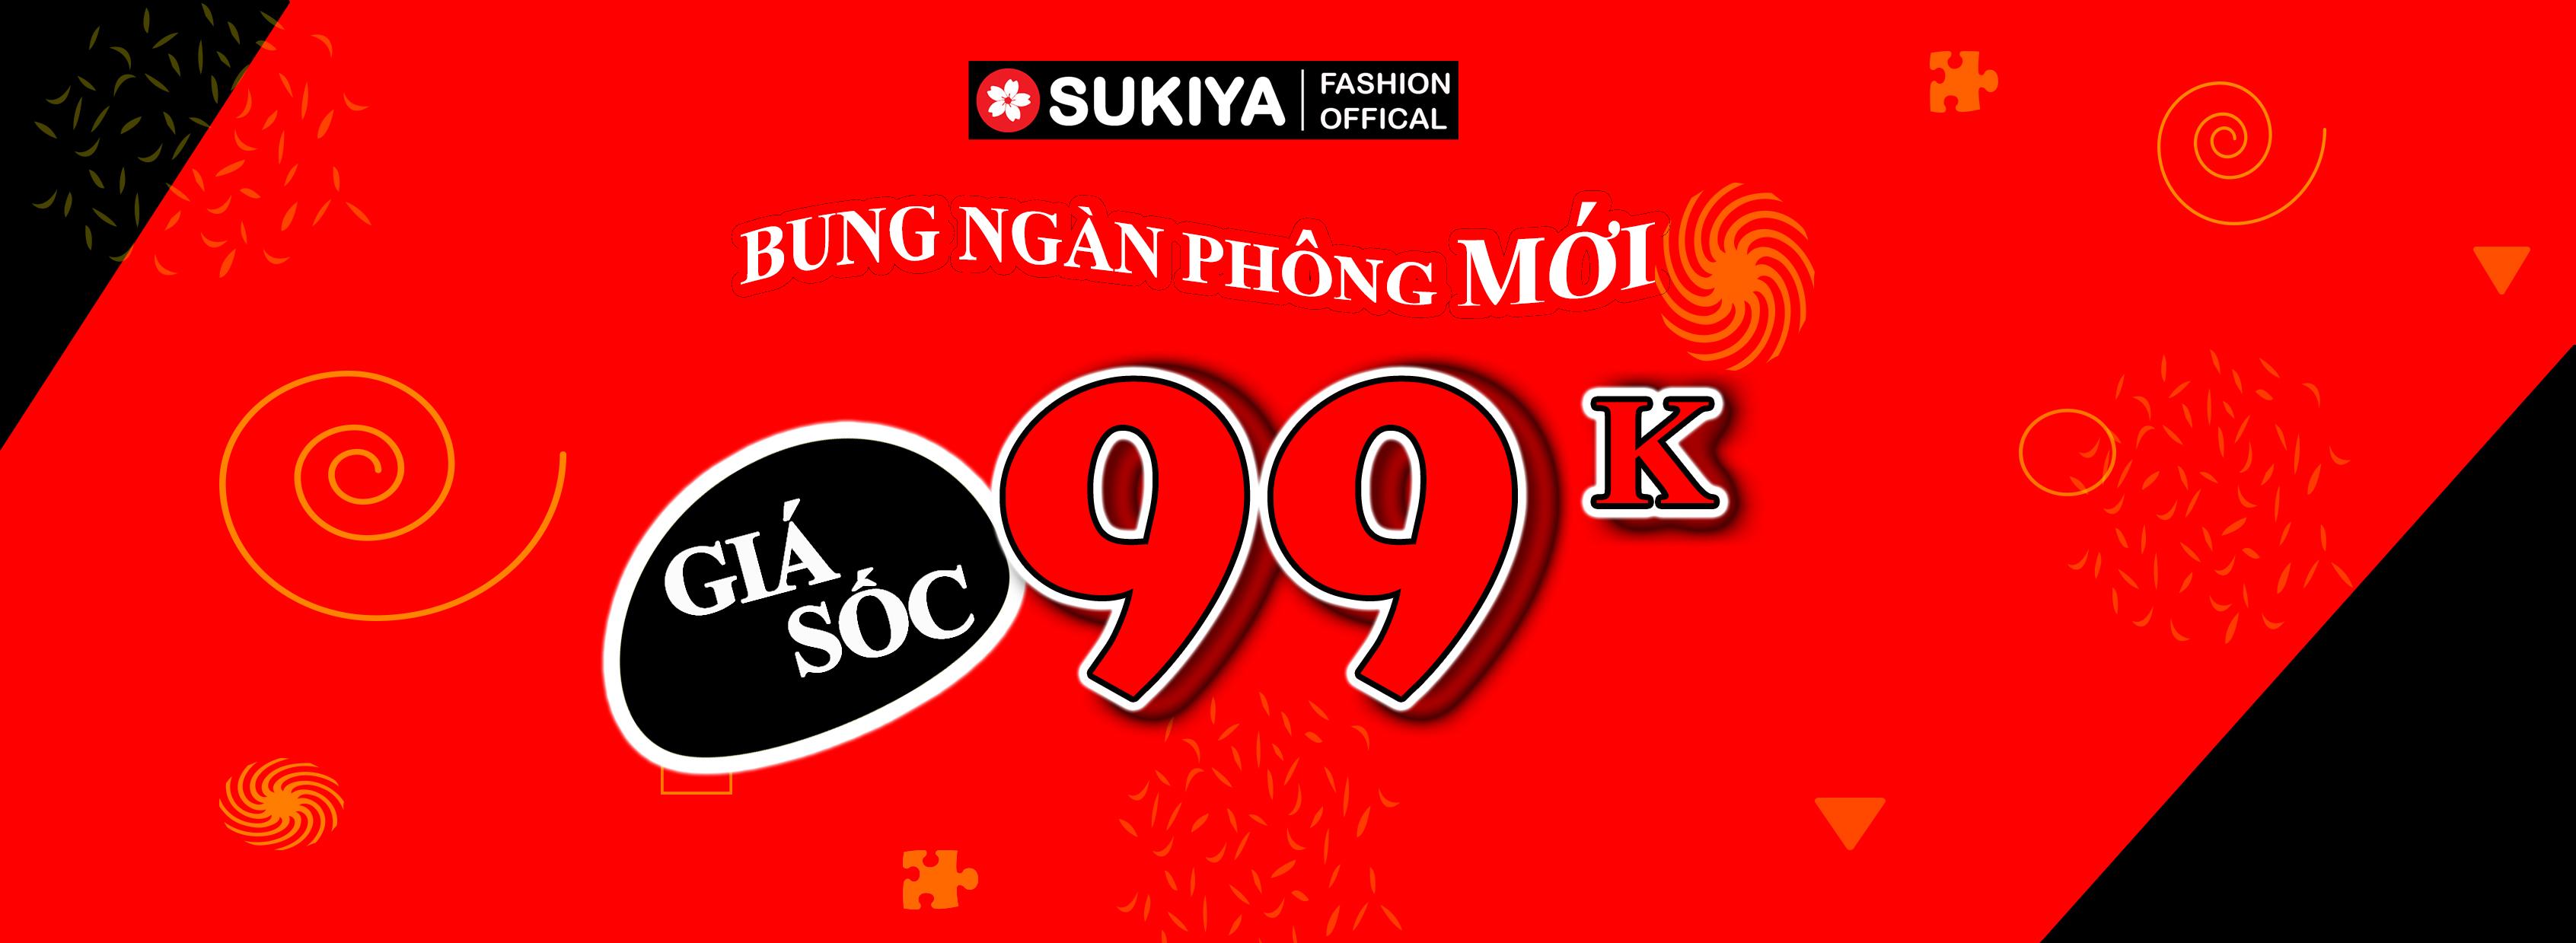 BUNG-NGAN-PHONG-MOI-90k